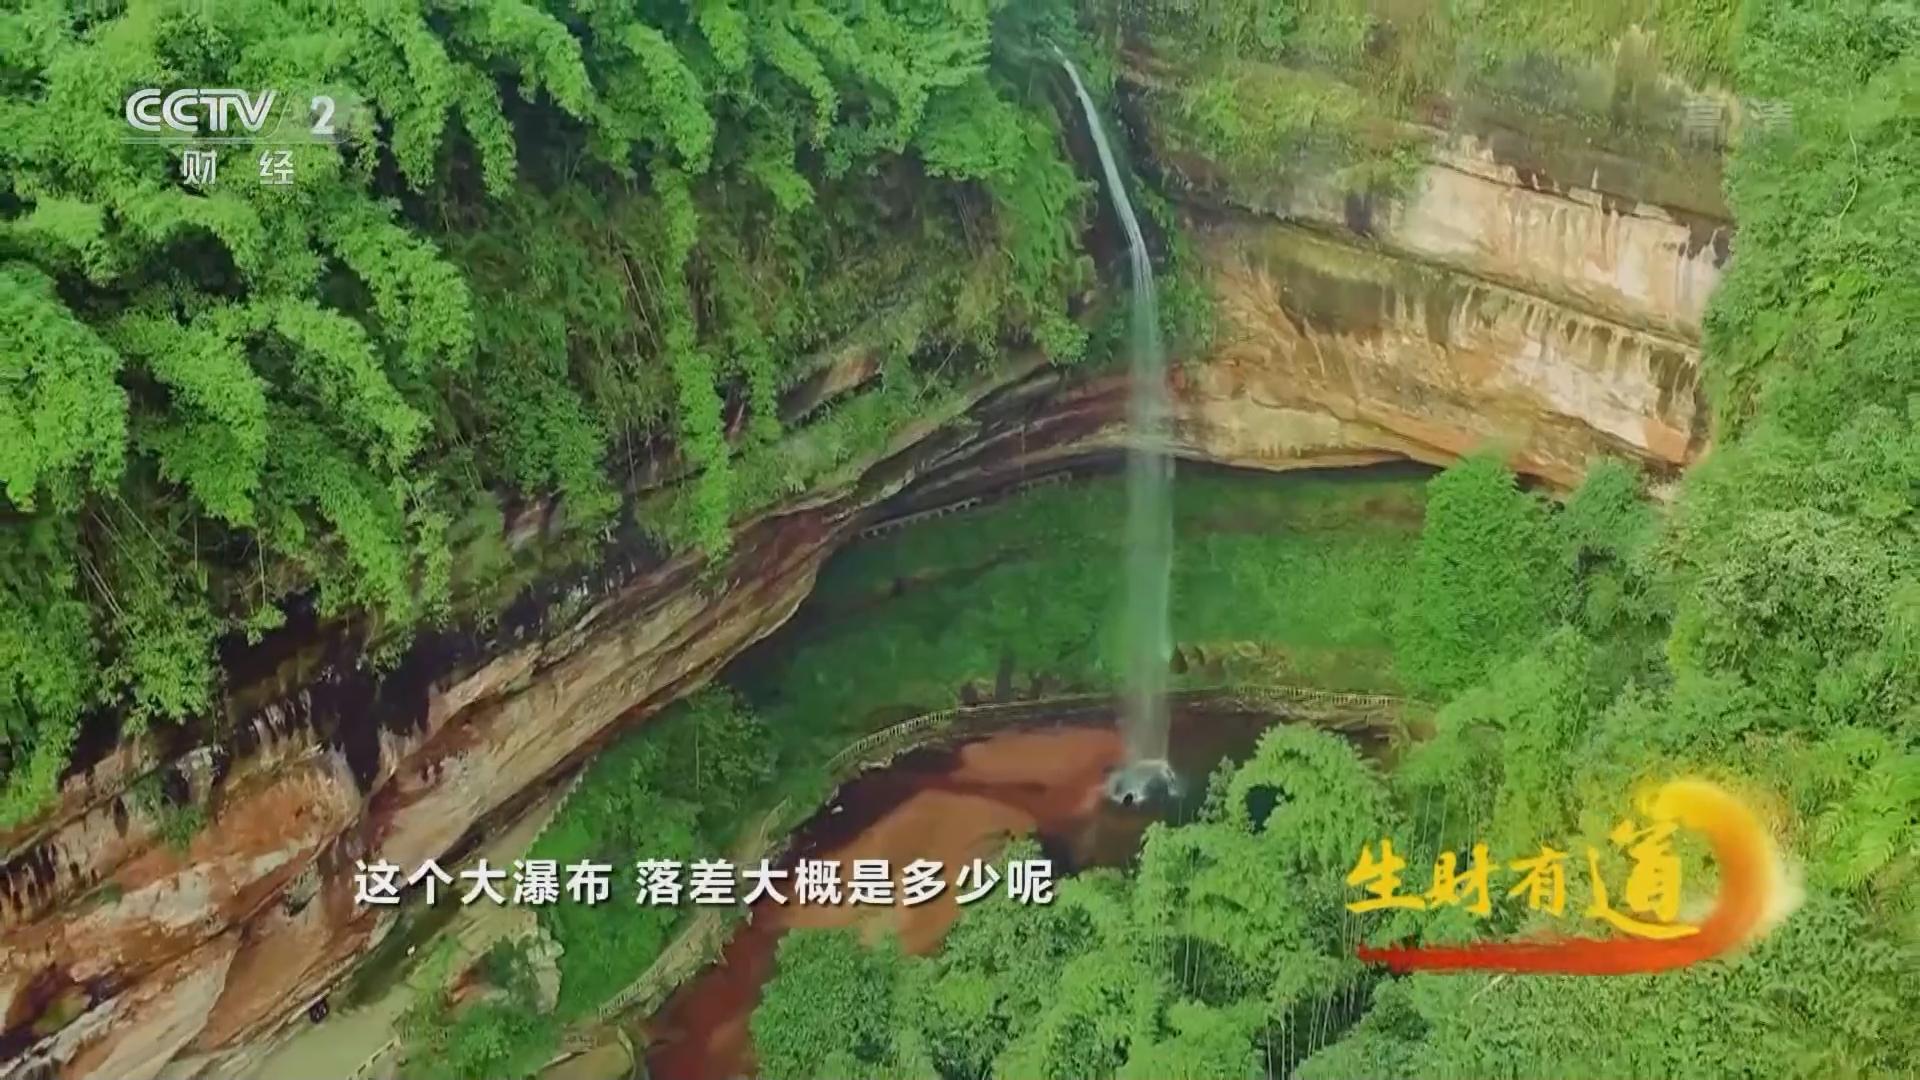 《生财有道》 20211015 乡村振兴中国行——四川沐川:竹海深处 生态财富